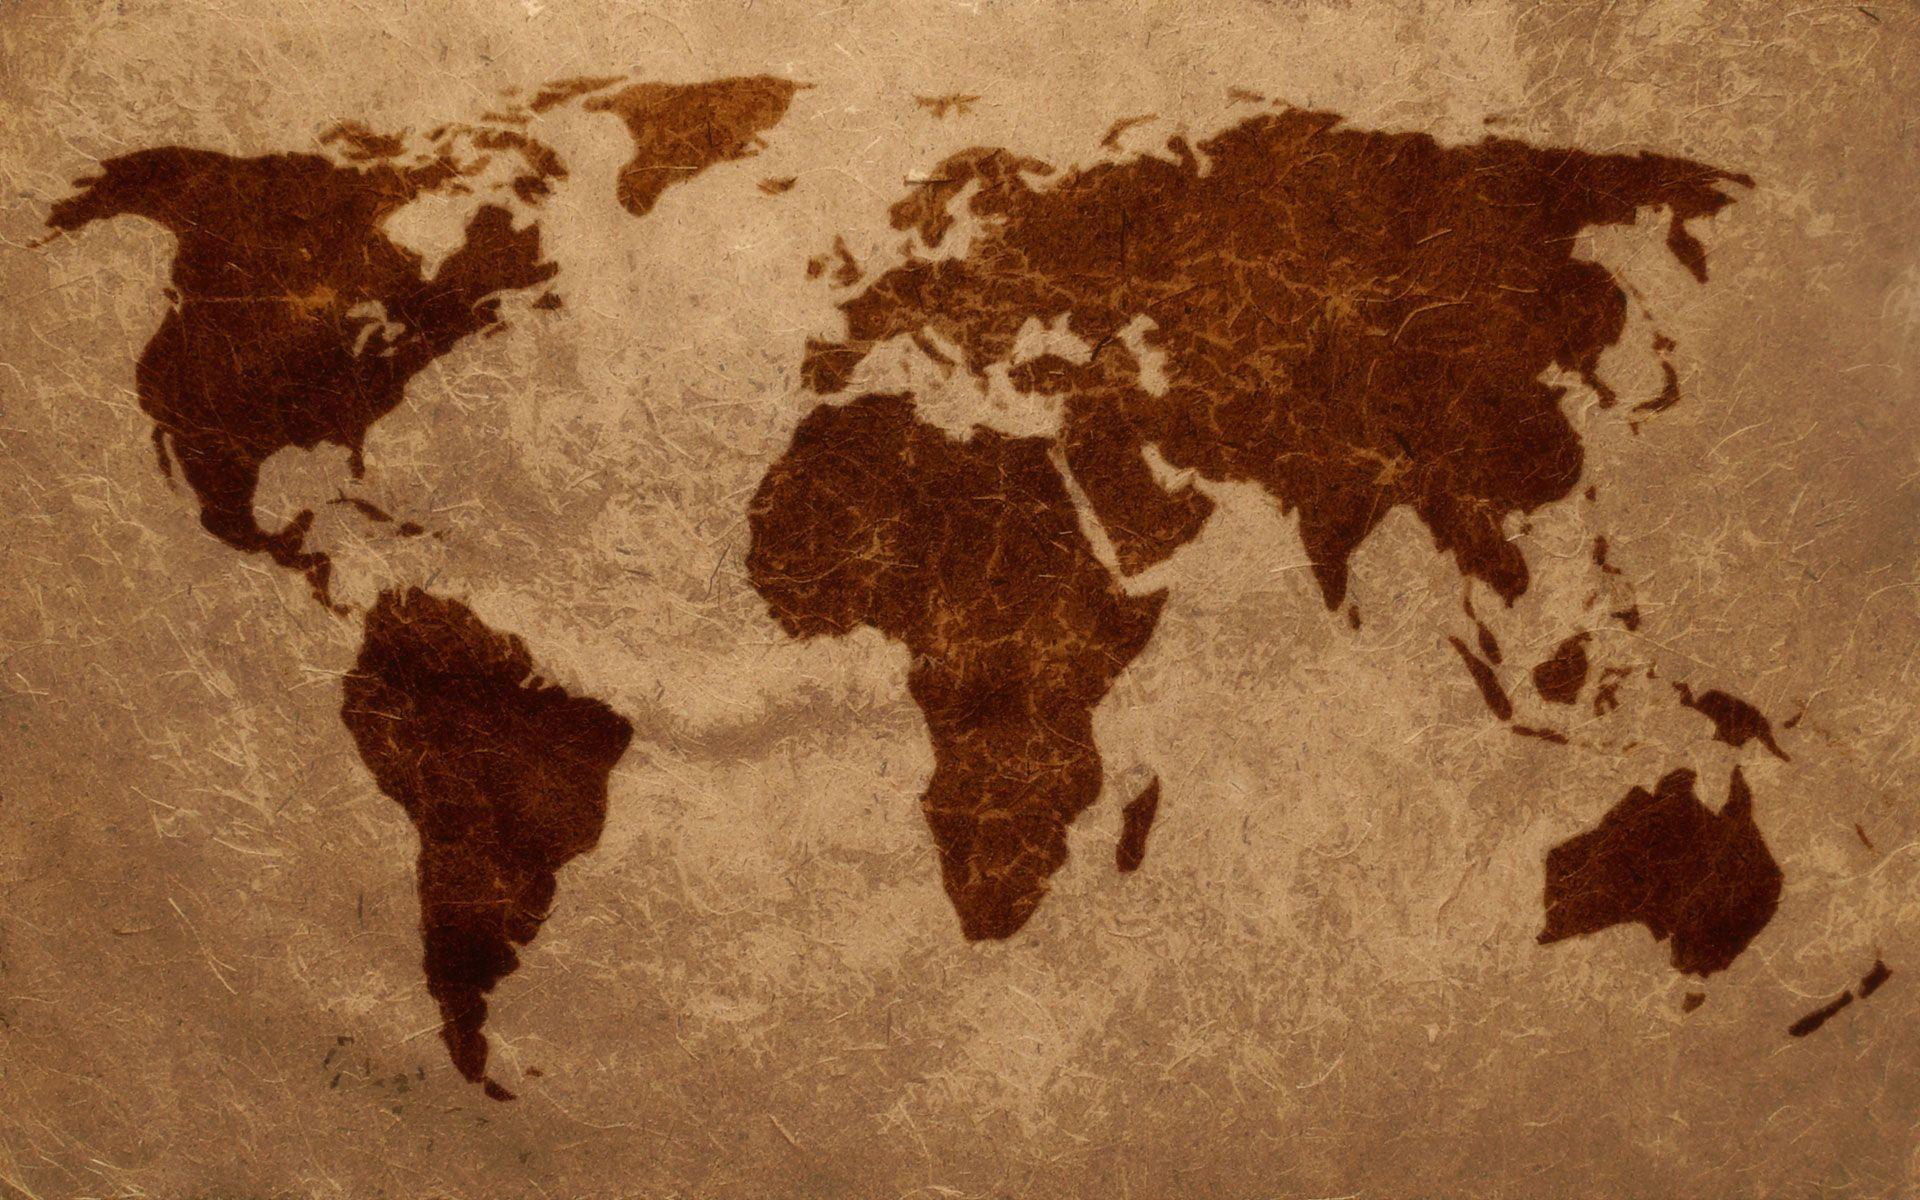 World map wallpaper - SF Wallpaper